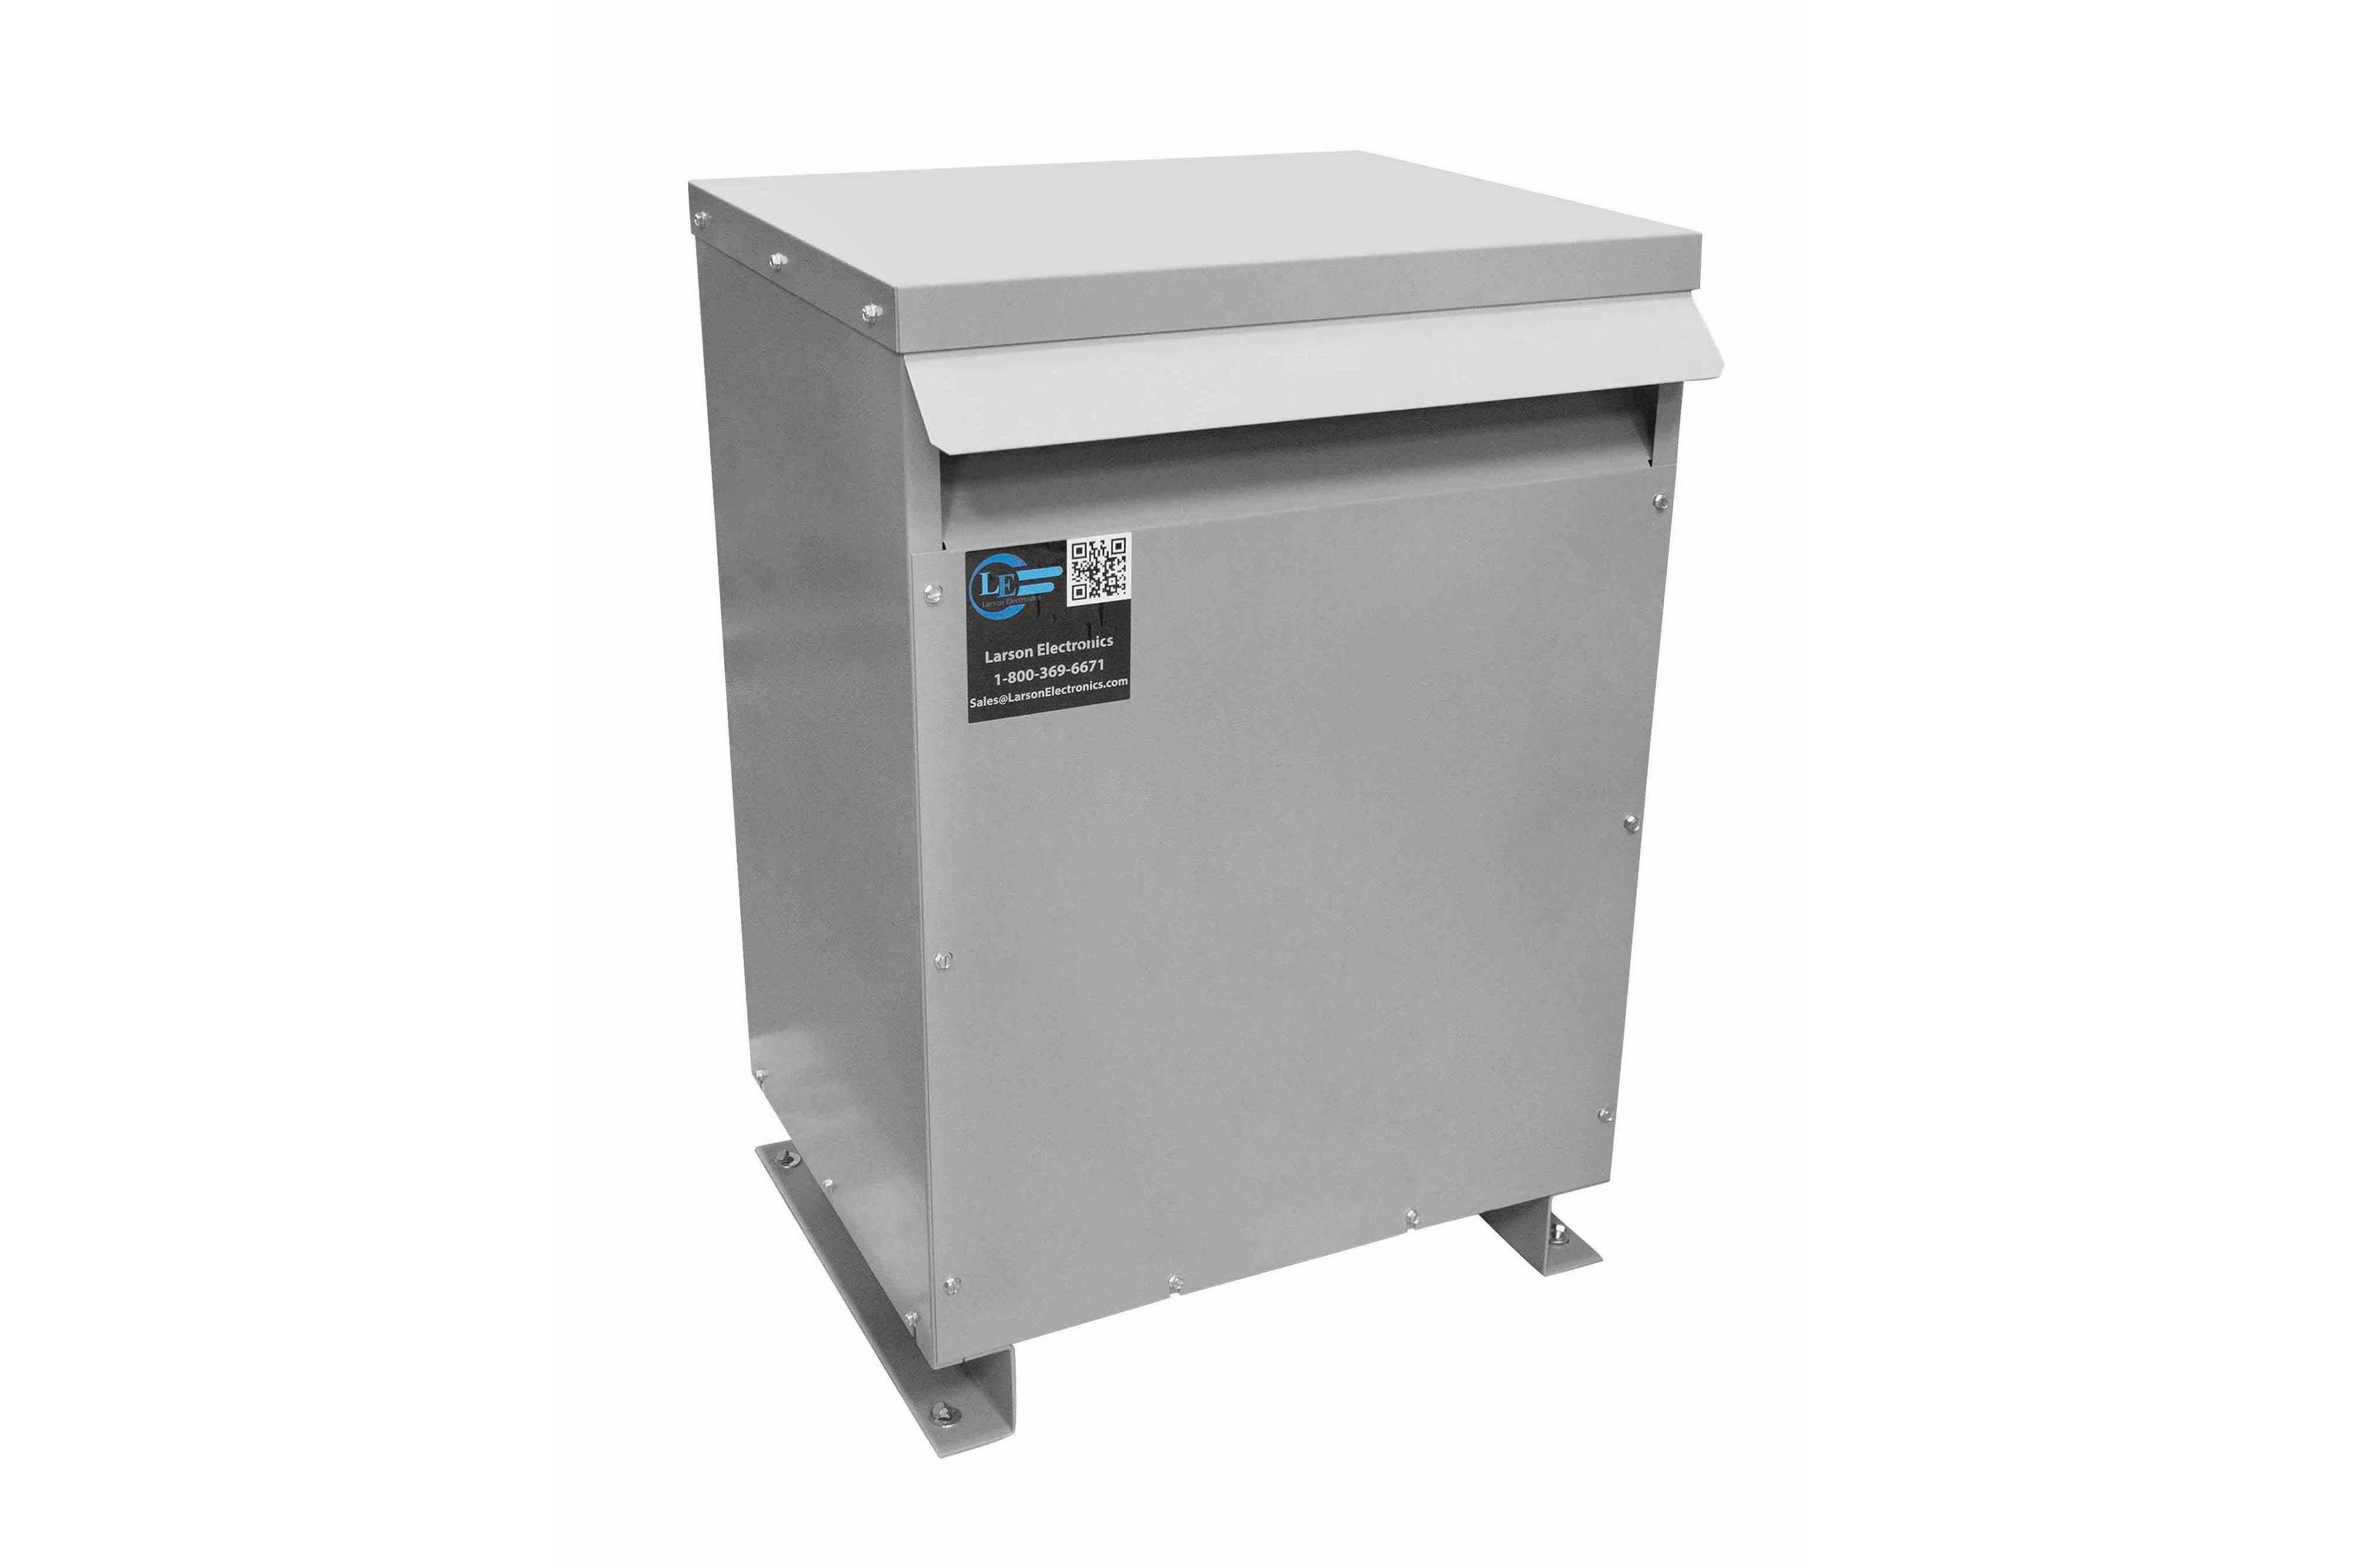 15 kVA 3PH Isolation Transformer, 380V Delta Primary, 208V Delta Secondary, N3R, Ventilated, 60 Hz